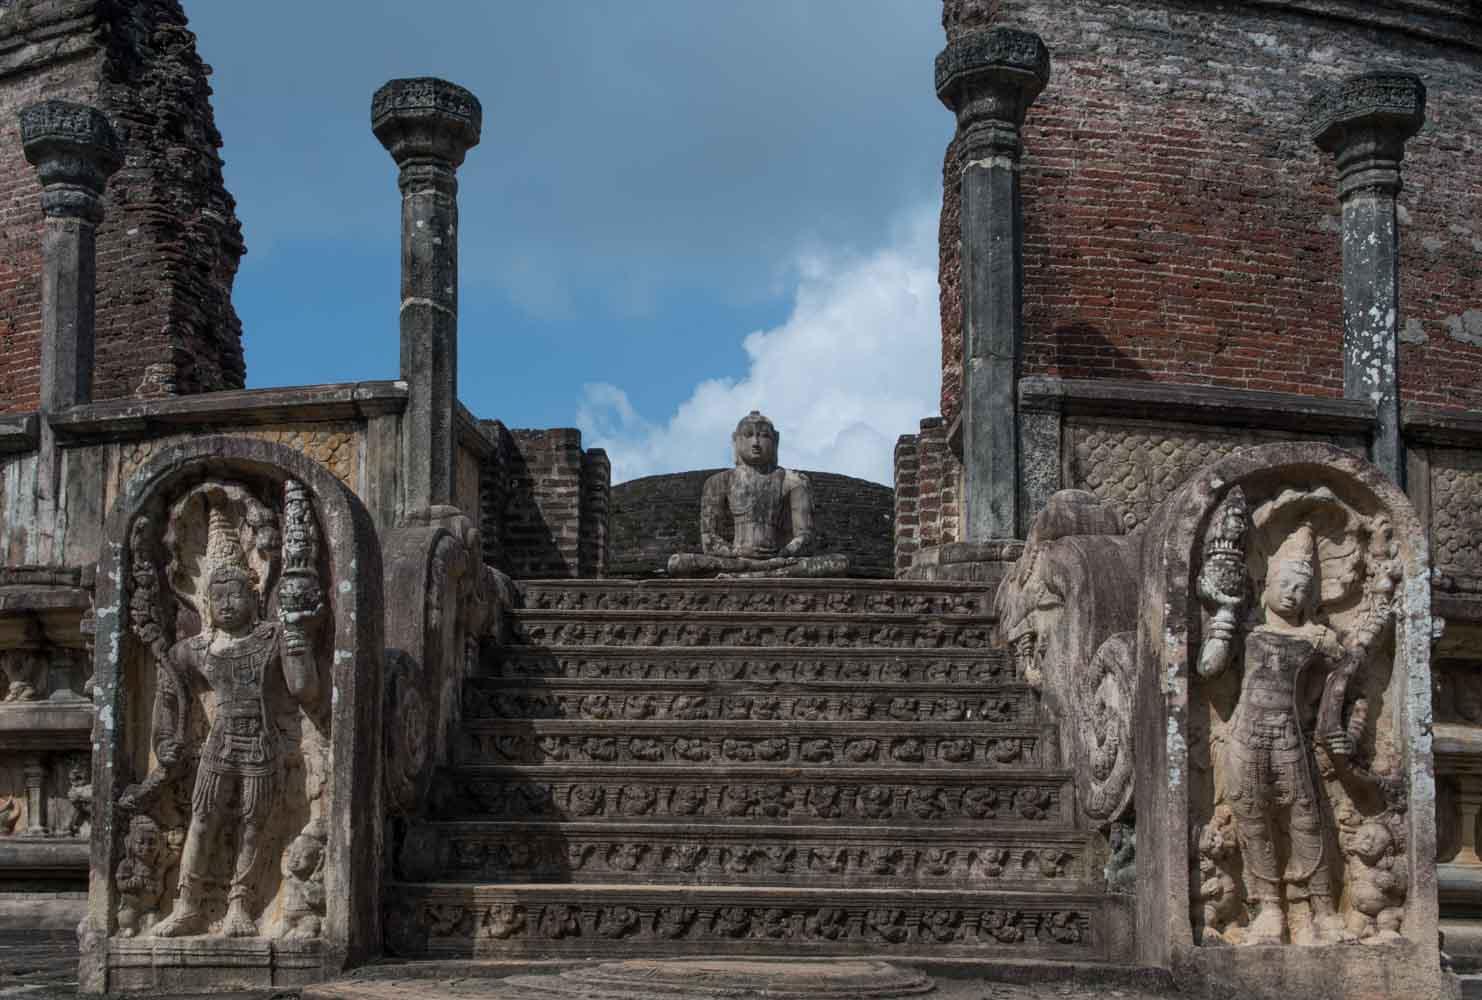 Polonnaruwa Vatadage (The Stupa House), Polonnaruwa, Sri Lanka